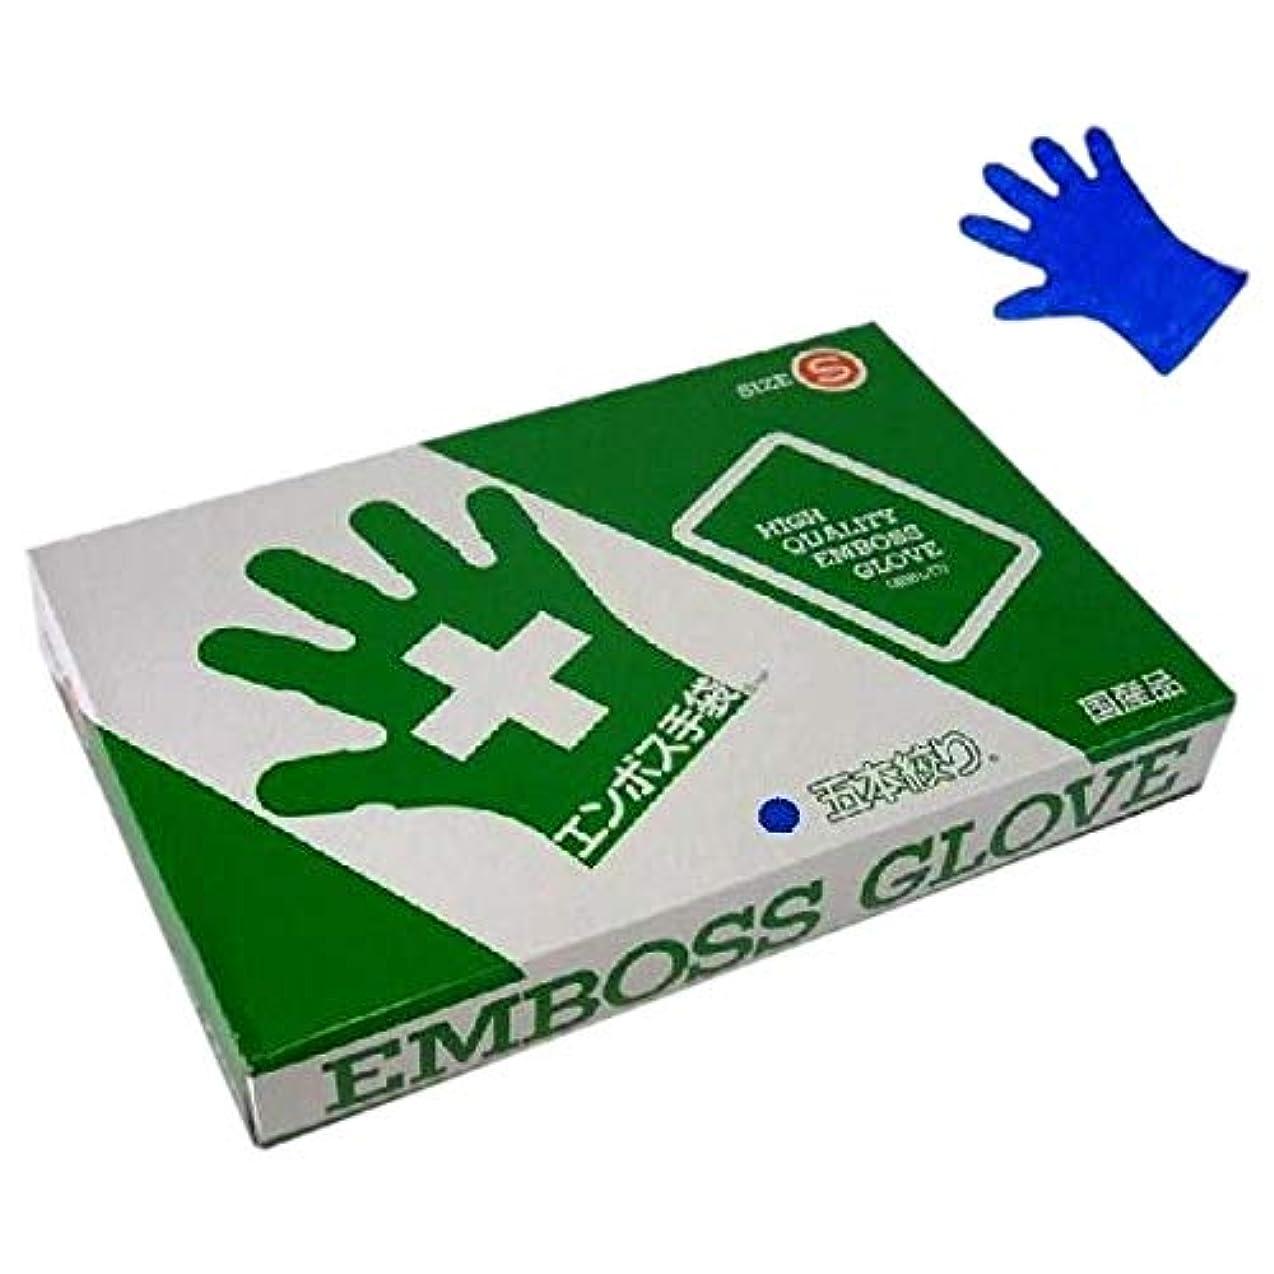 心理学罰する職人エンボス手袋 5本絞り ブルータイプ 化粧箱入 東京パック S 200枚入×20箱